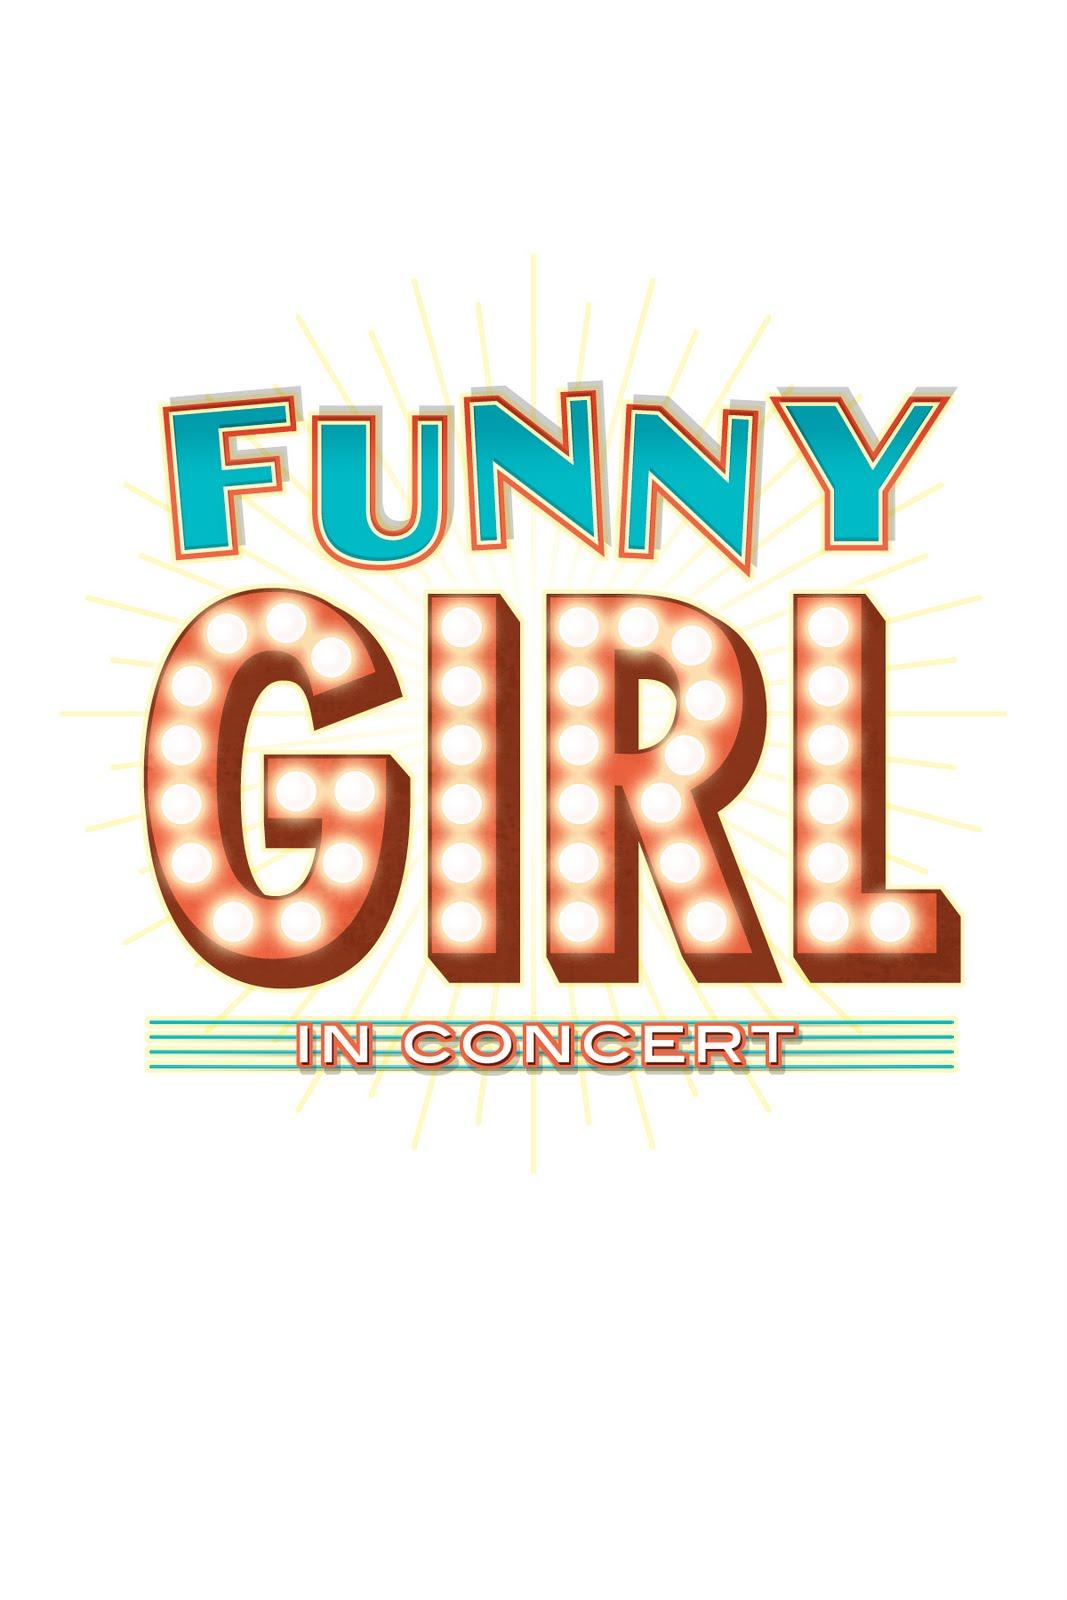 http://2.bp.blogspot.com/_nVWEhK60qAk/TFX_zK-ubsI/AAAAAAAAAeI/9H7ViUFfWnA/s1600/FunnyGirl_HiRes.jpg